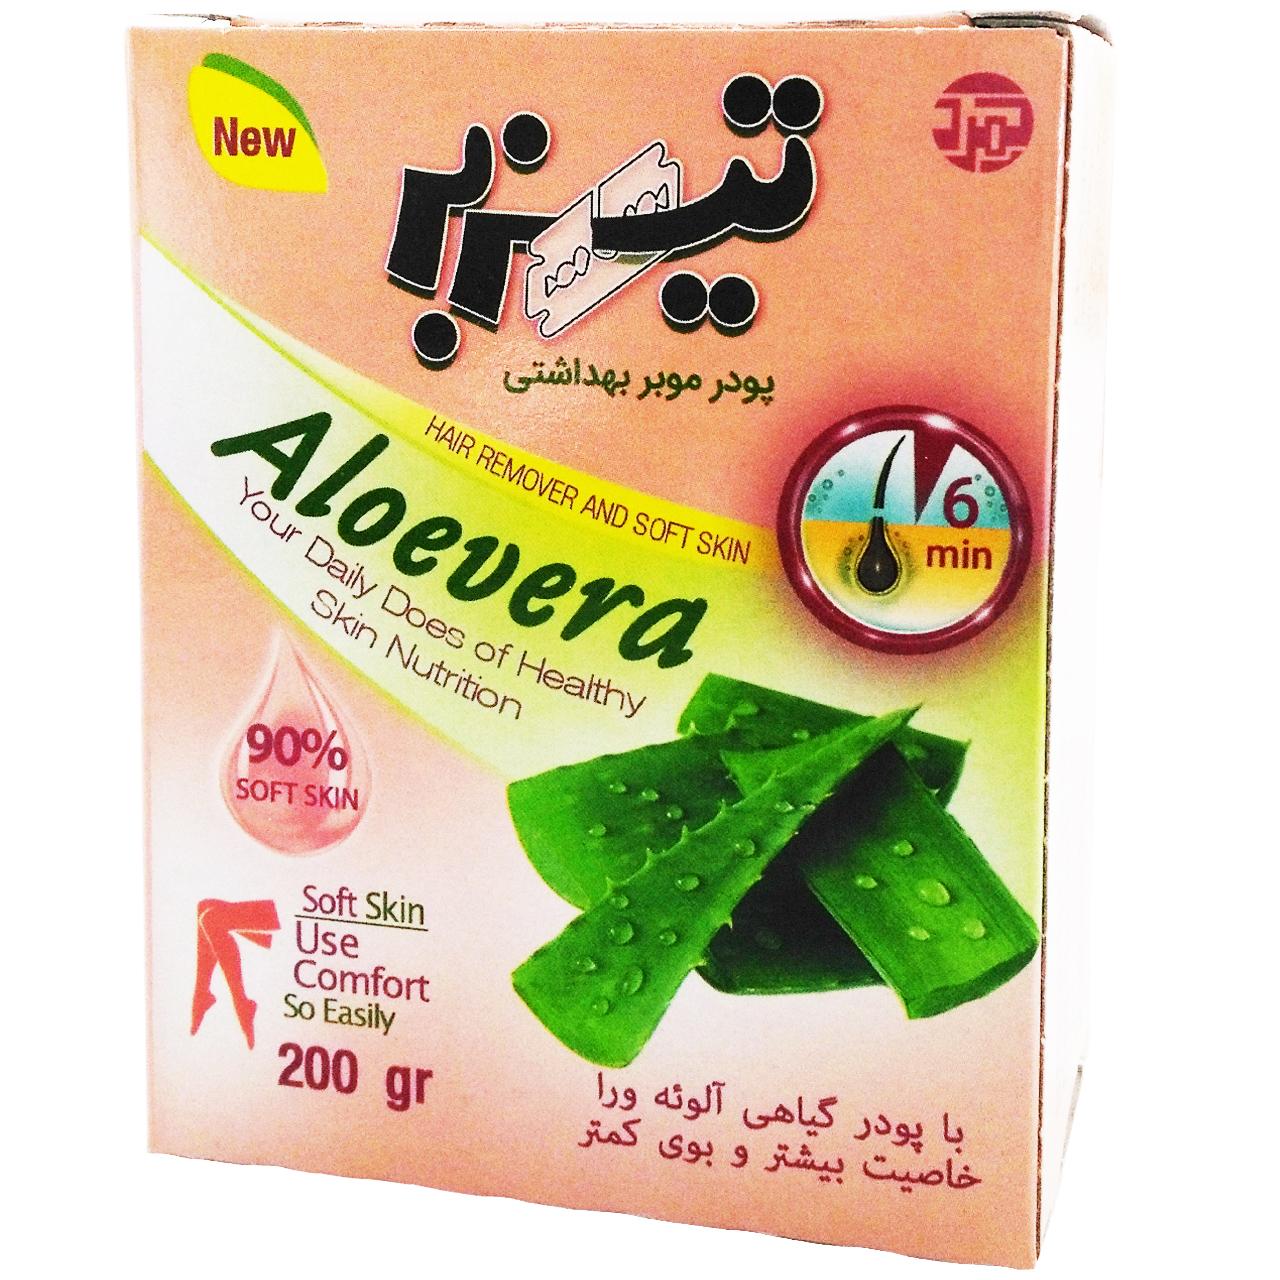 خرید                      پودر موبر تیزبر مدل Aloevera همراه با سانس خوشبو حجم 200 گرم بسته 10 عددی              ✅